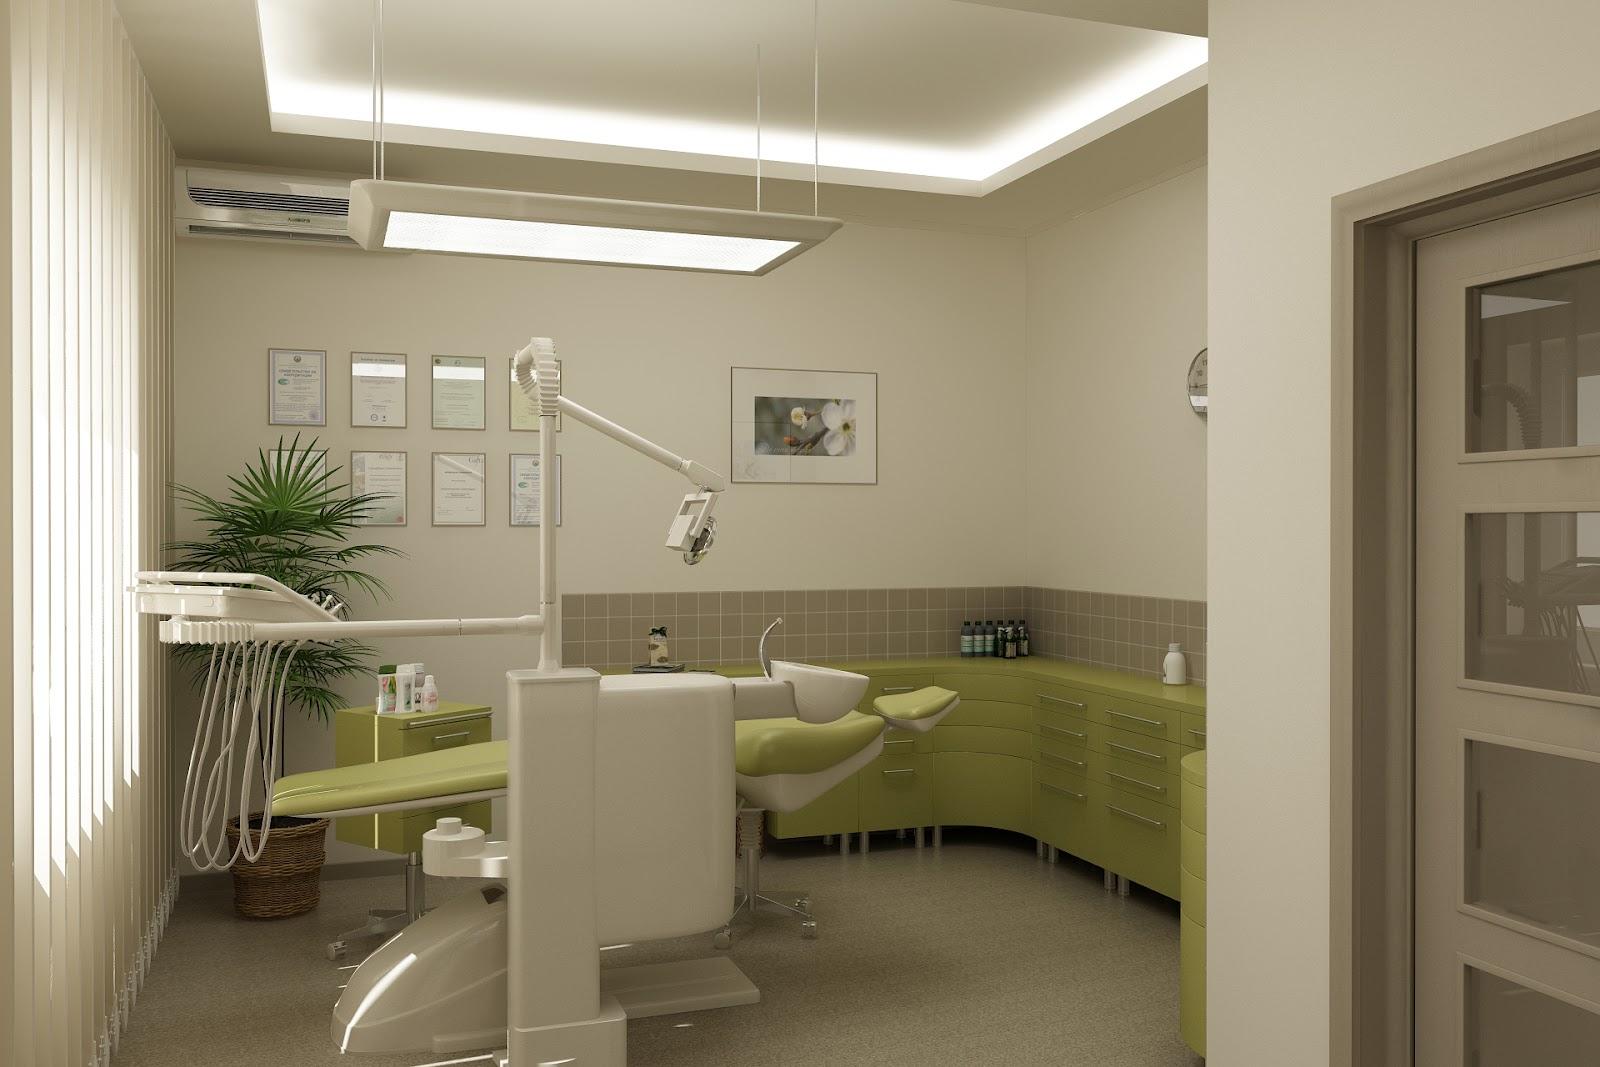 Фото дизайна интерьера стоматологического кабинета